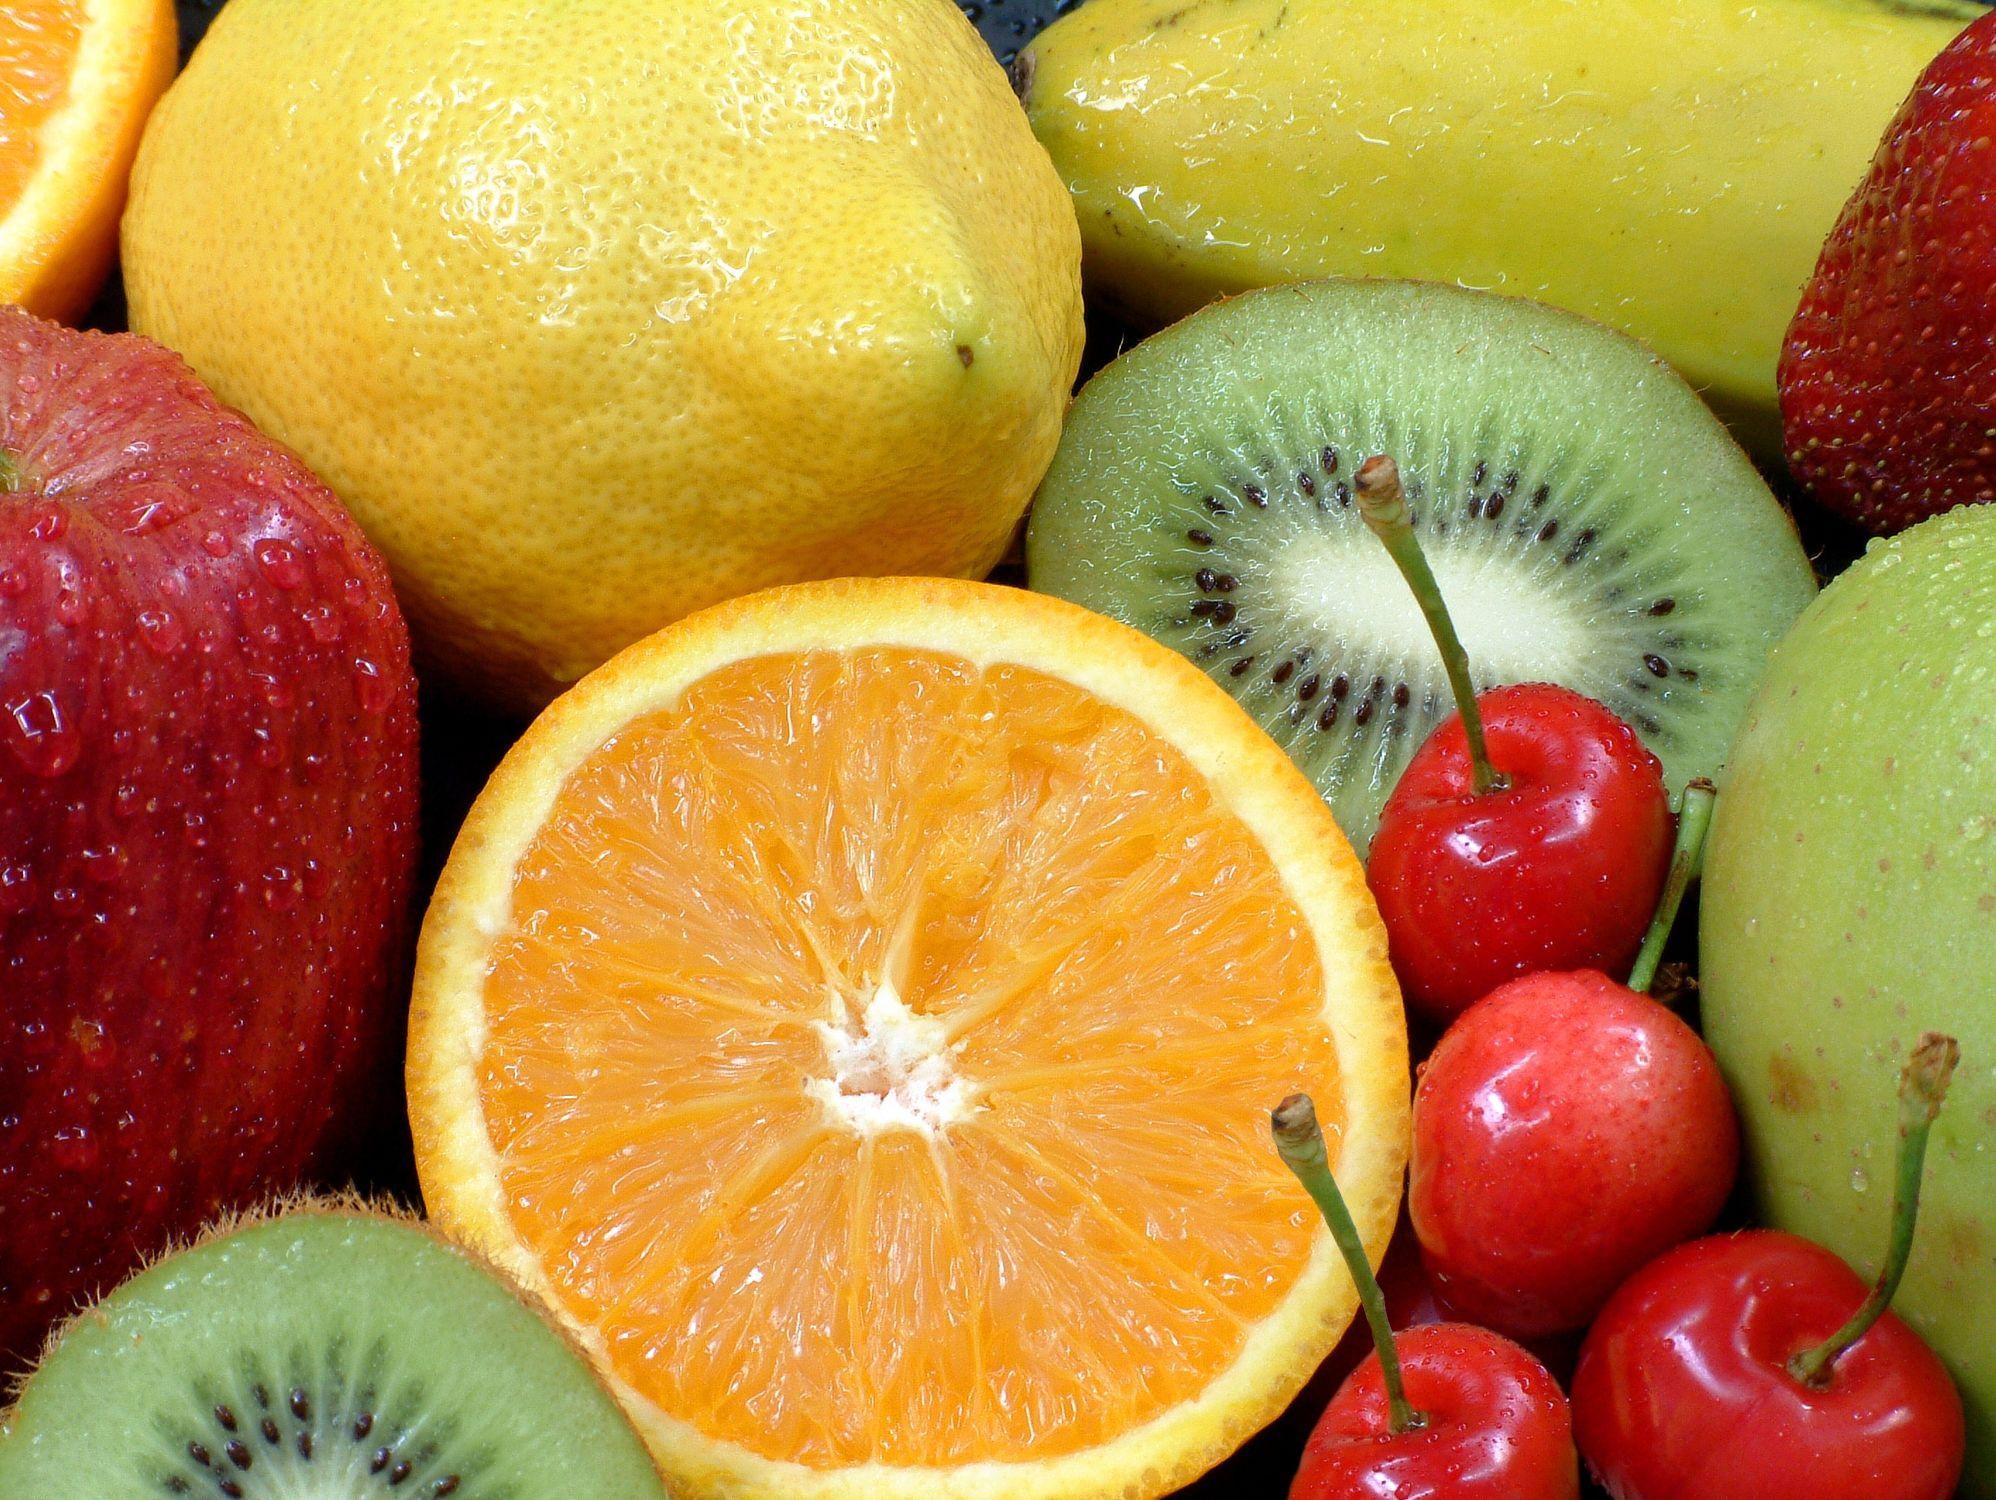 Bild mit Gegenstände, Natur, Pflanzen, Früchte, Lebensmittel, Essen, Zitrusfrüchte, Orangen, Grapefruits